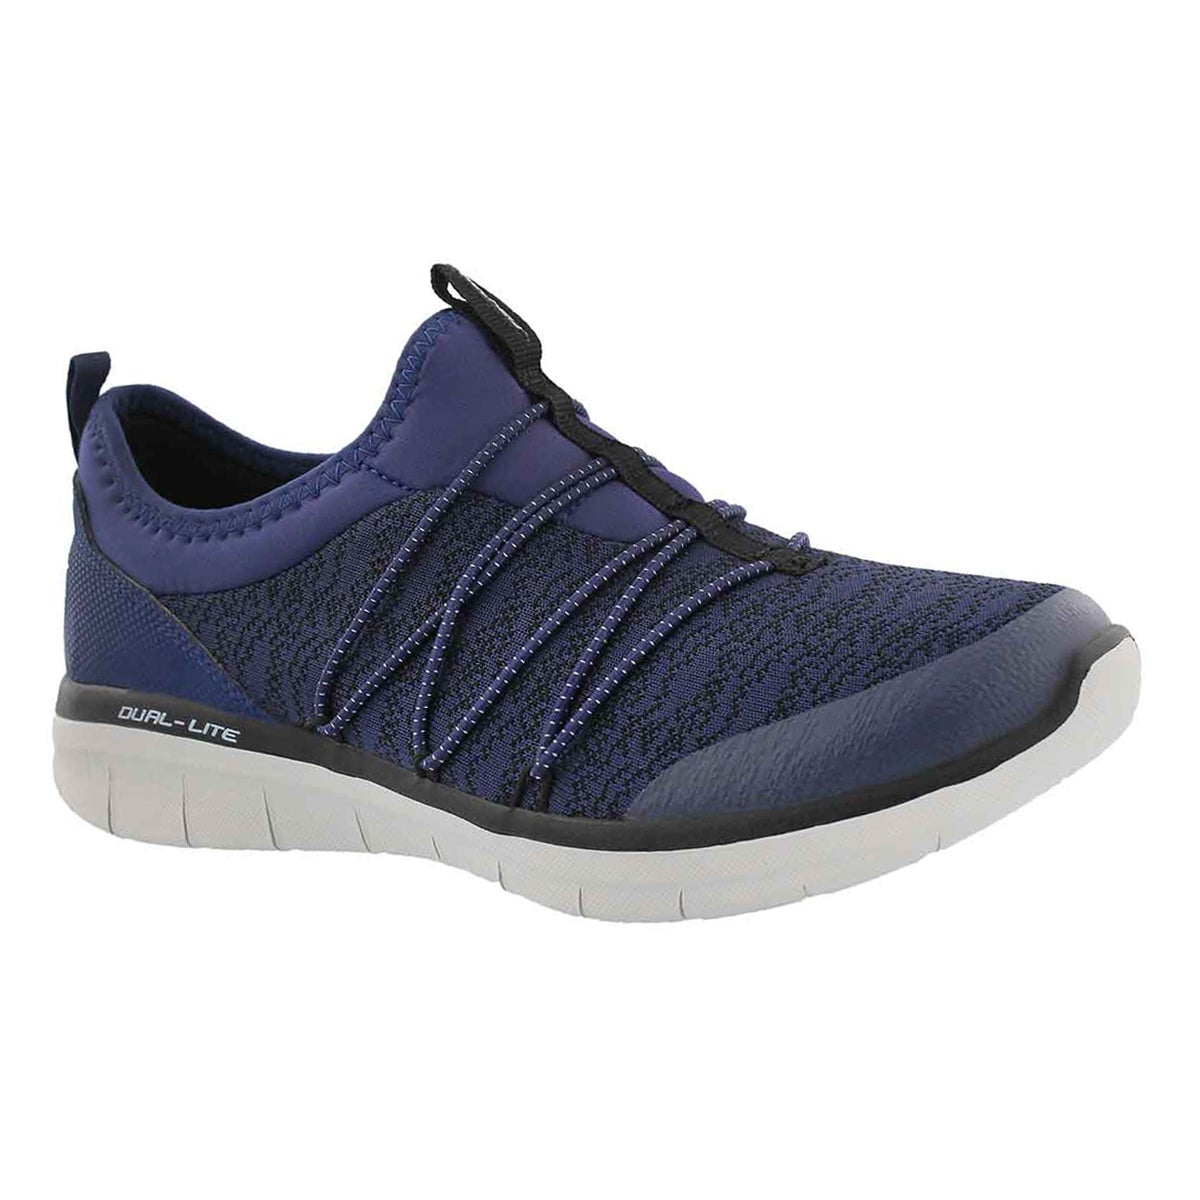 Lds Synergy 2.0 navy slip on sneaker